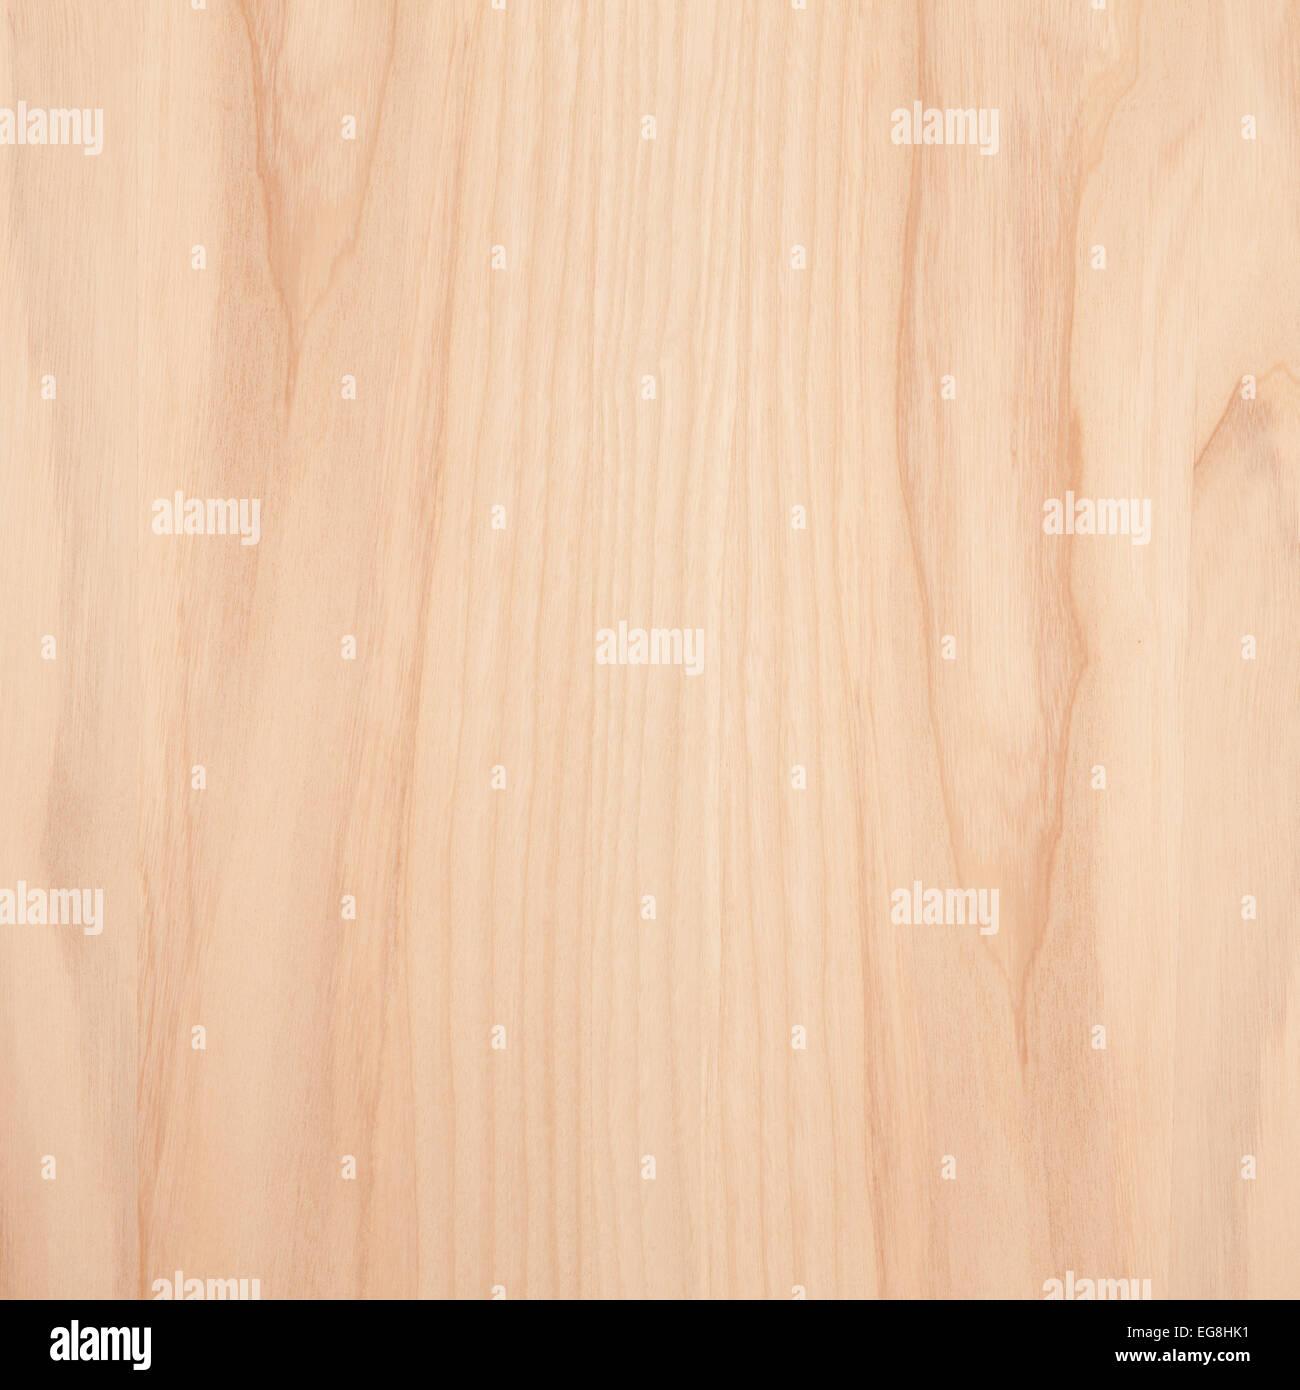 Planche en bois brut ou texture de grain de bois en arrière-plan Photo Stock